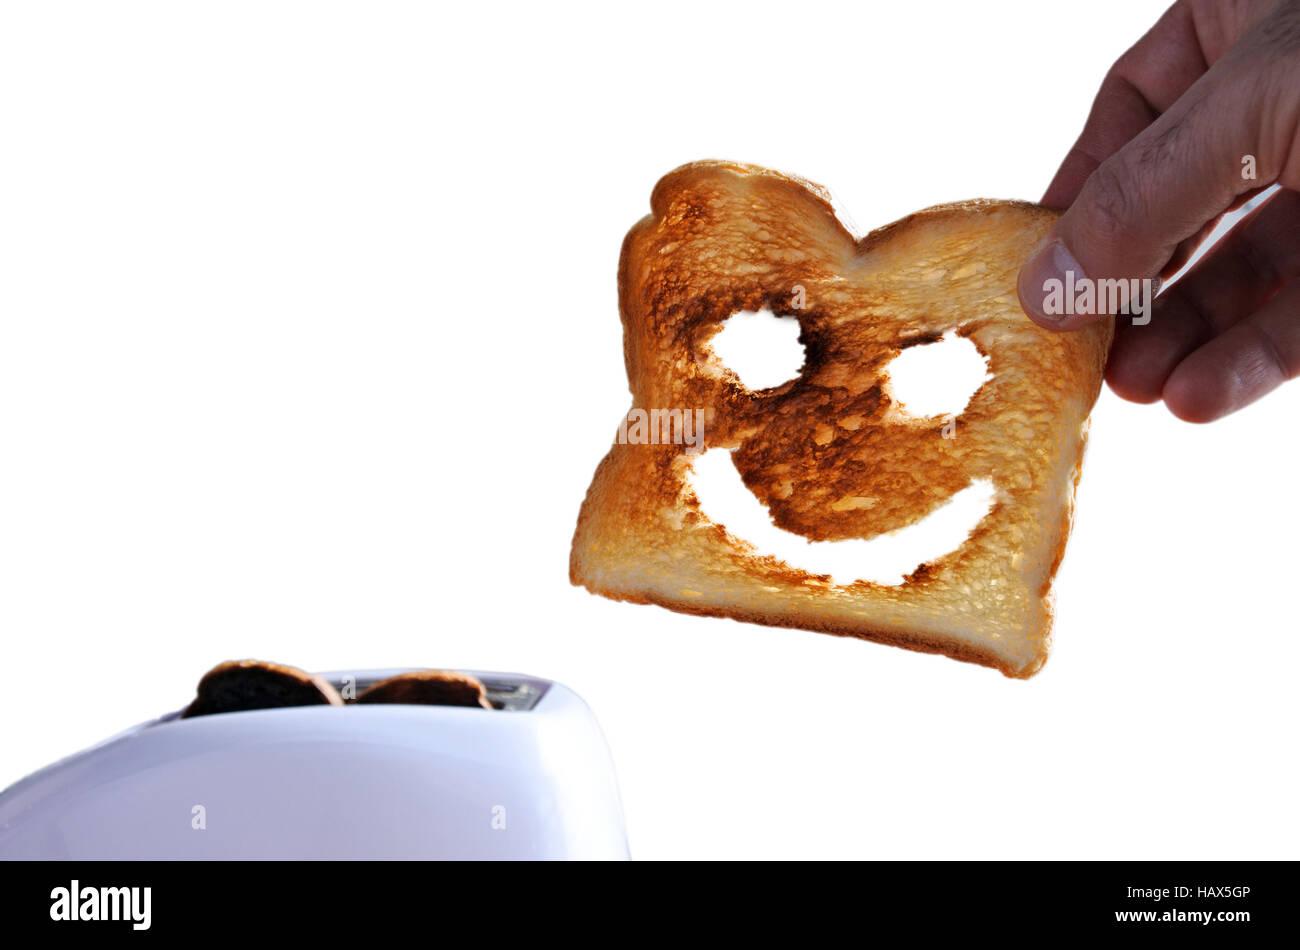 Mano sostiene un rebanadas de Buenas tostadas de pan con una cara feliz contra una tostadora. Felicidad concepto Imagen De Stock